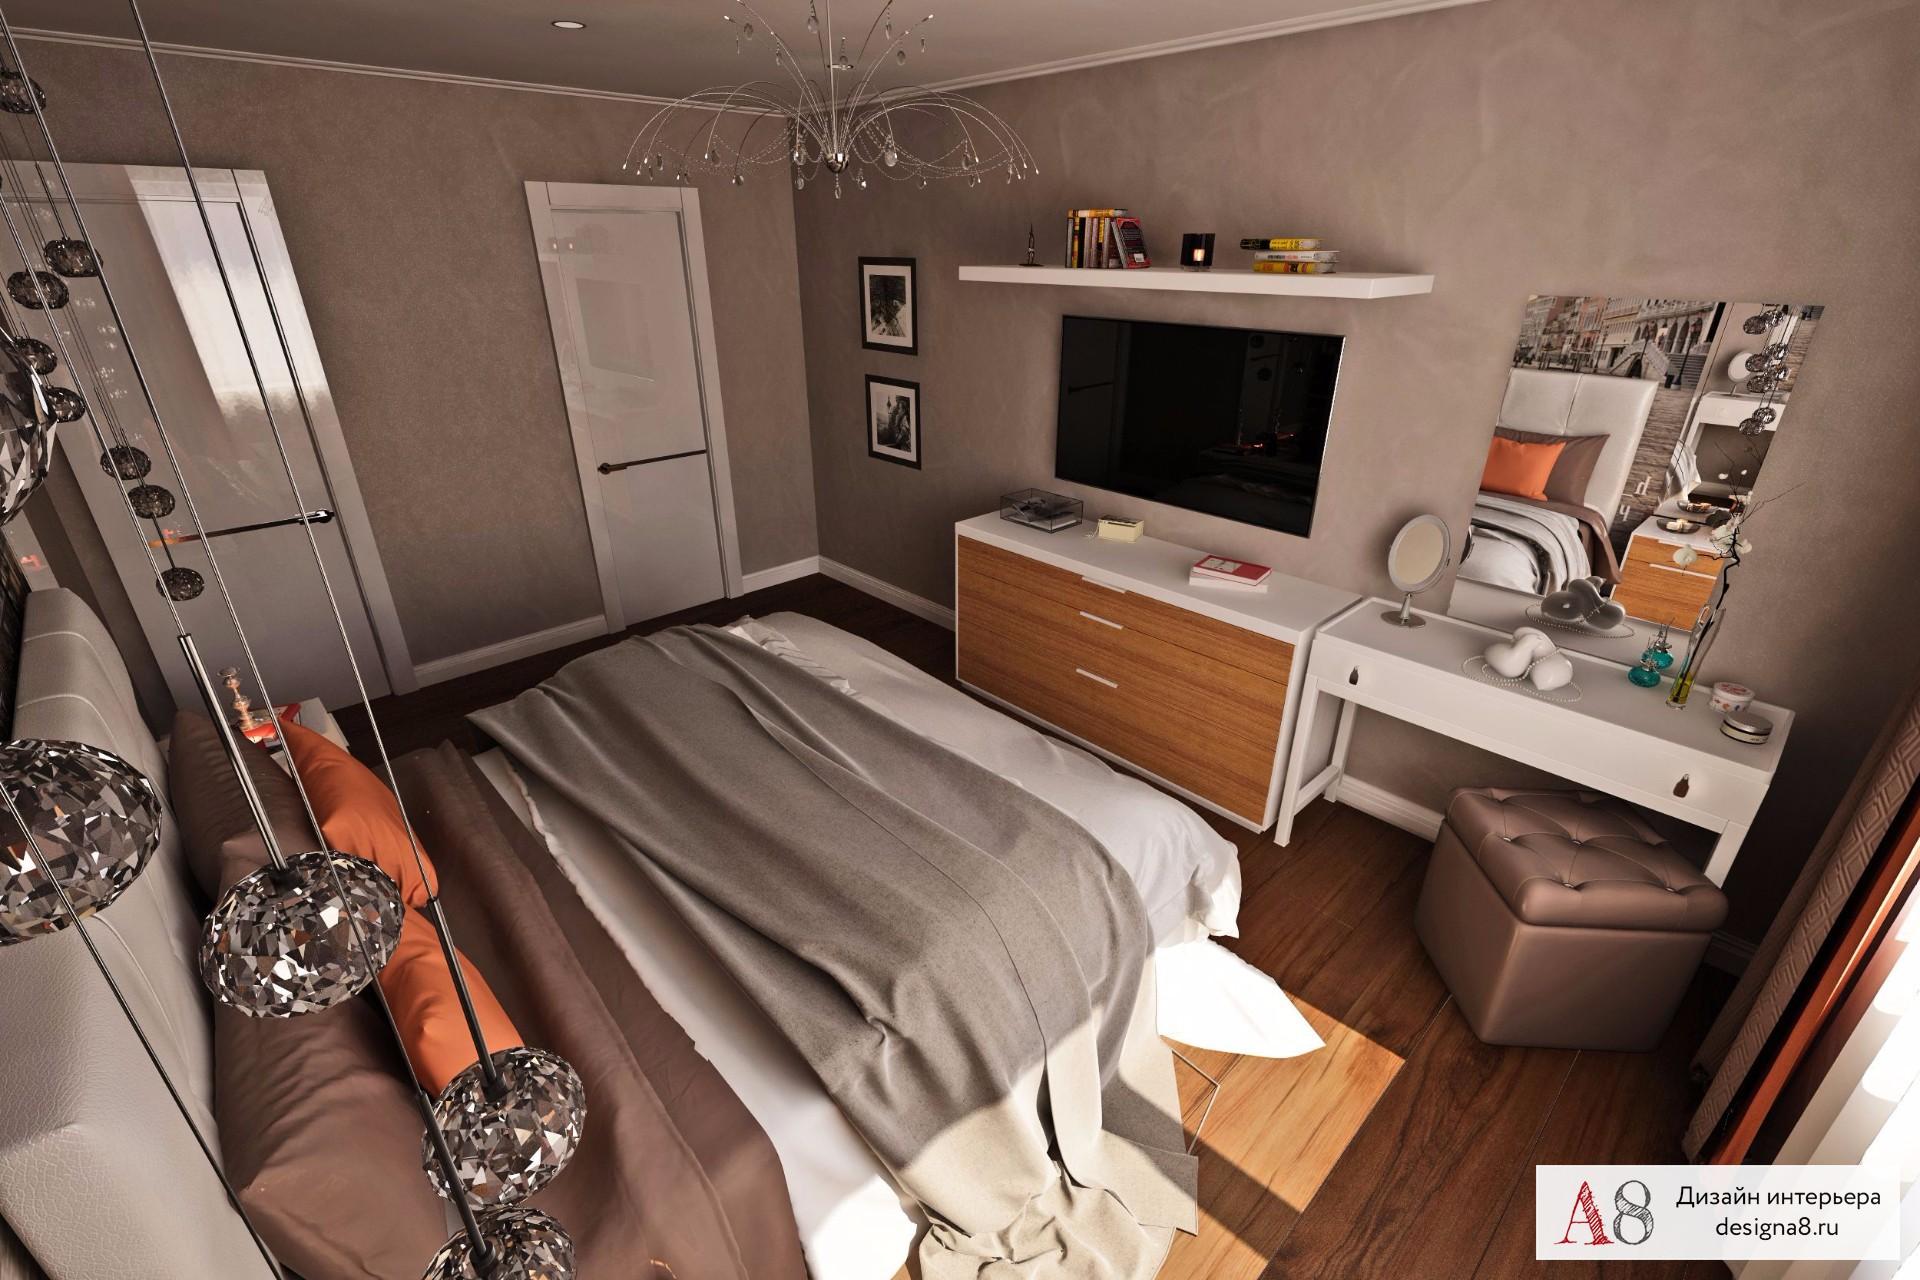 Дизайн интерьера 2 комнатной квартиры 60 кв.м